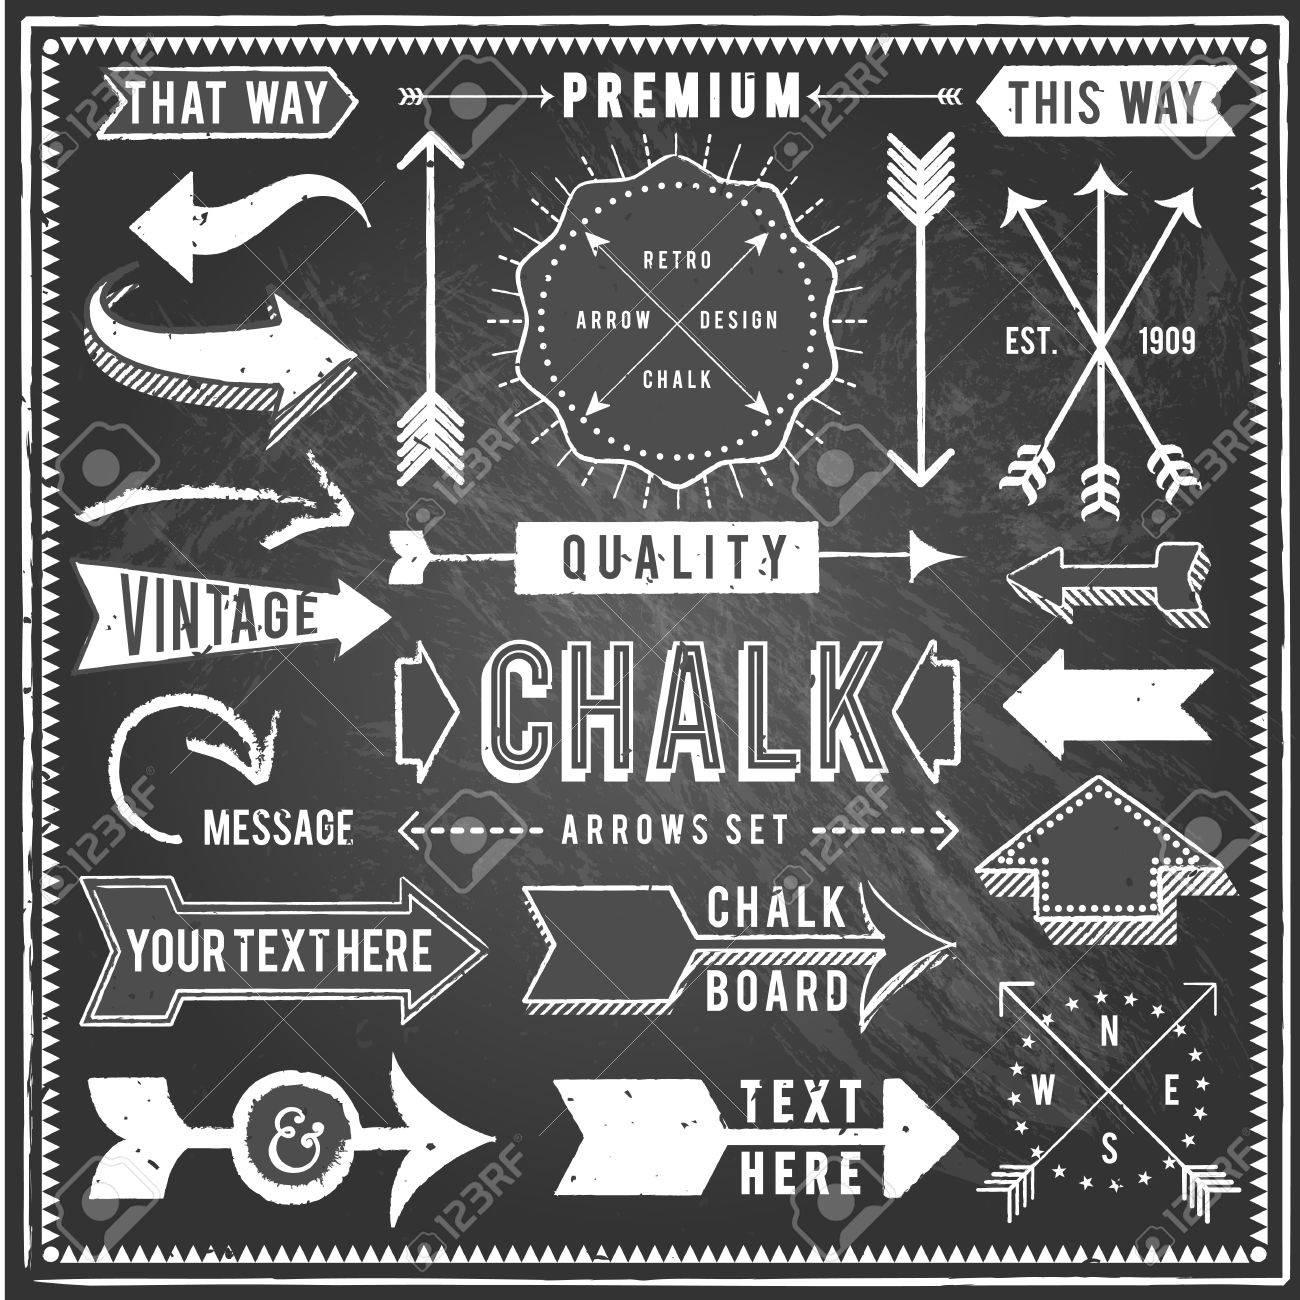 Vintage Chalkboard Arrows.